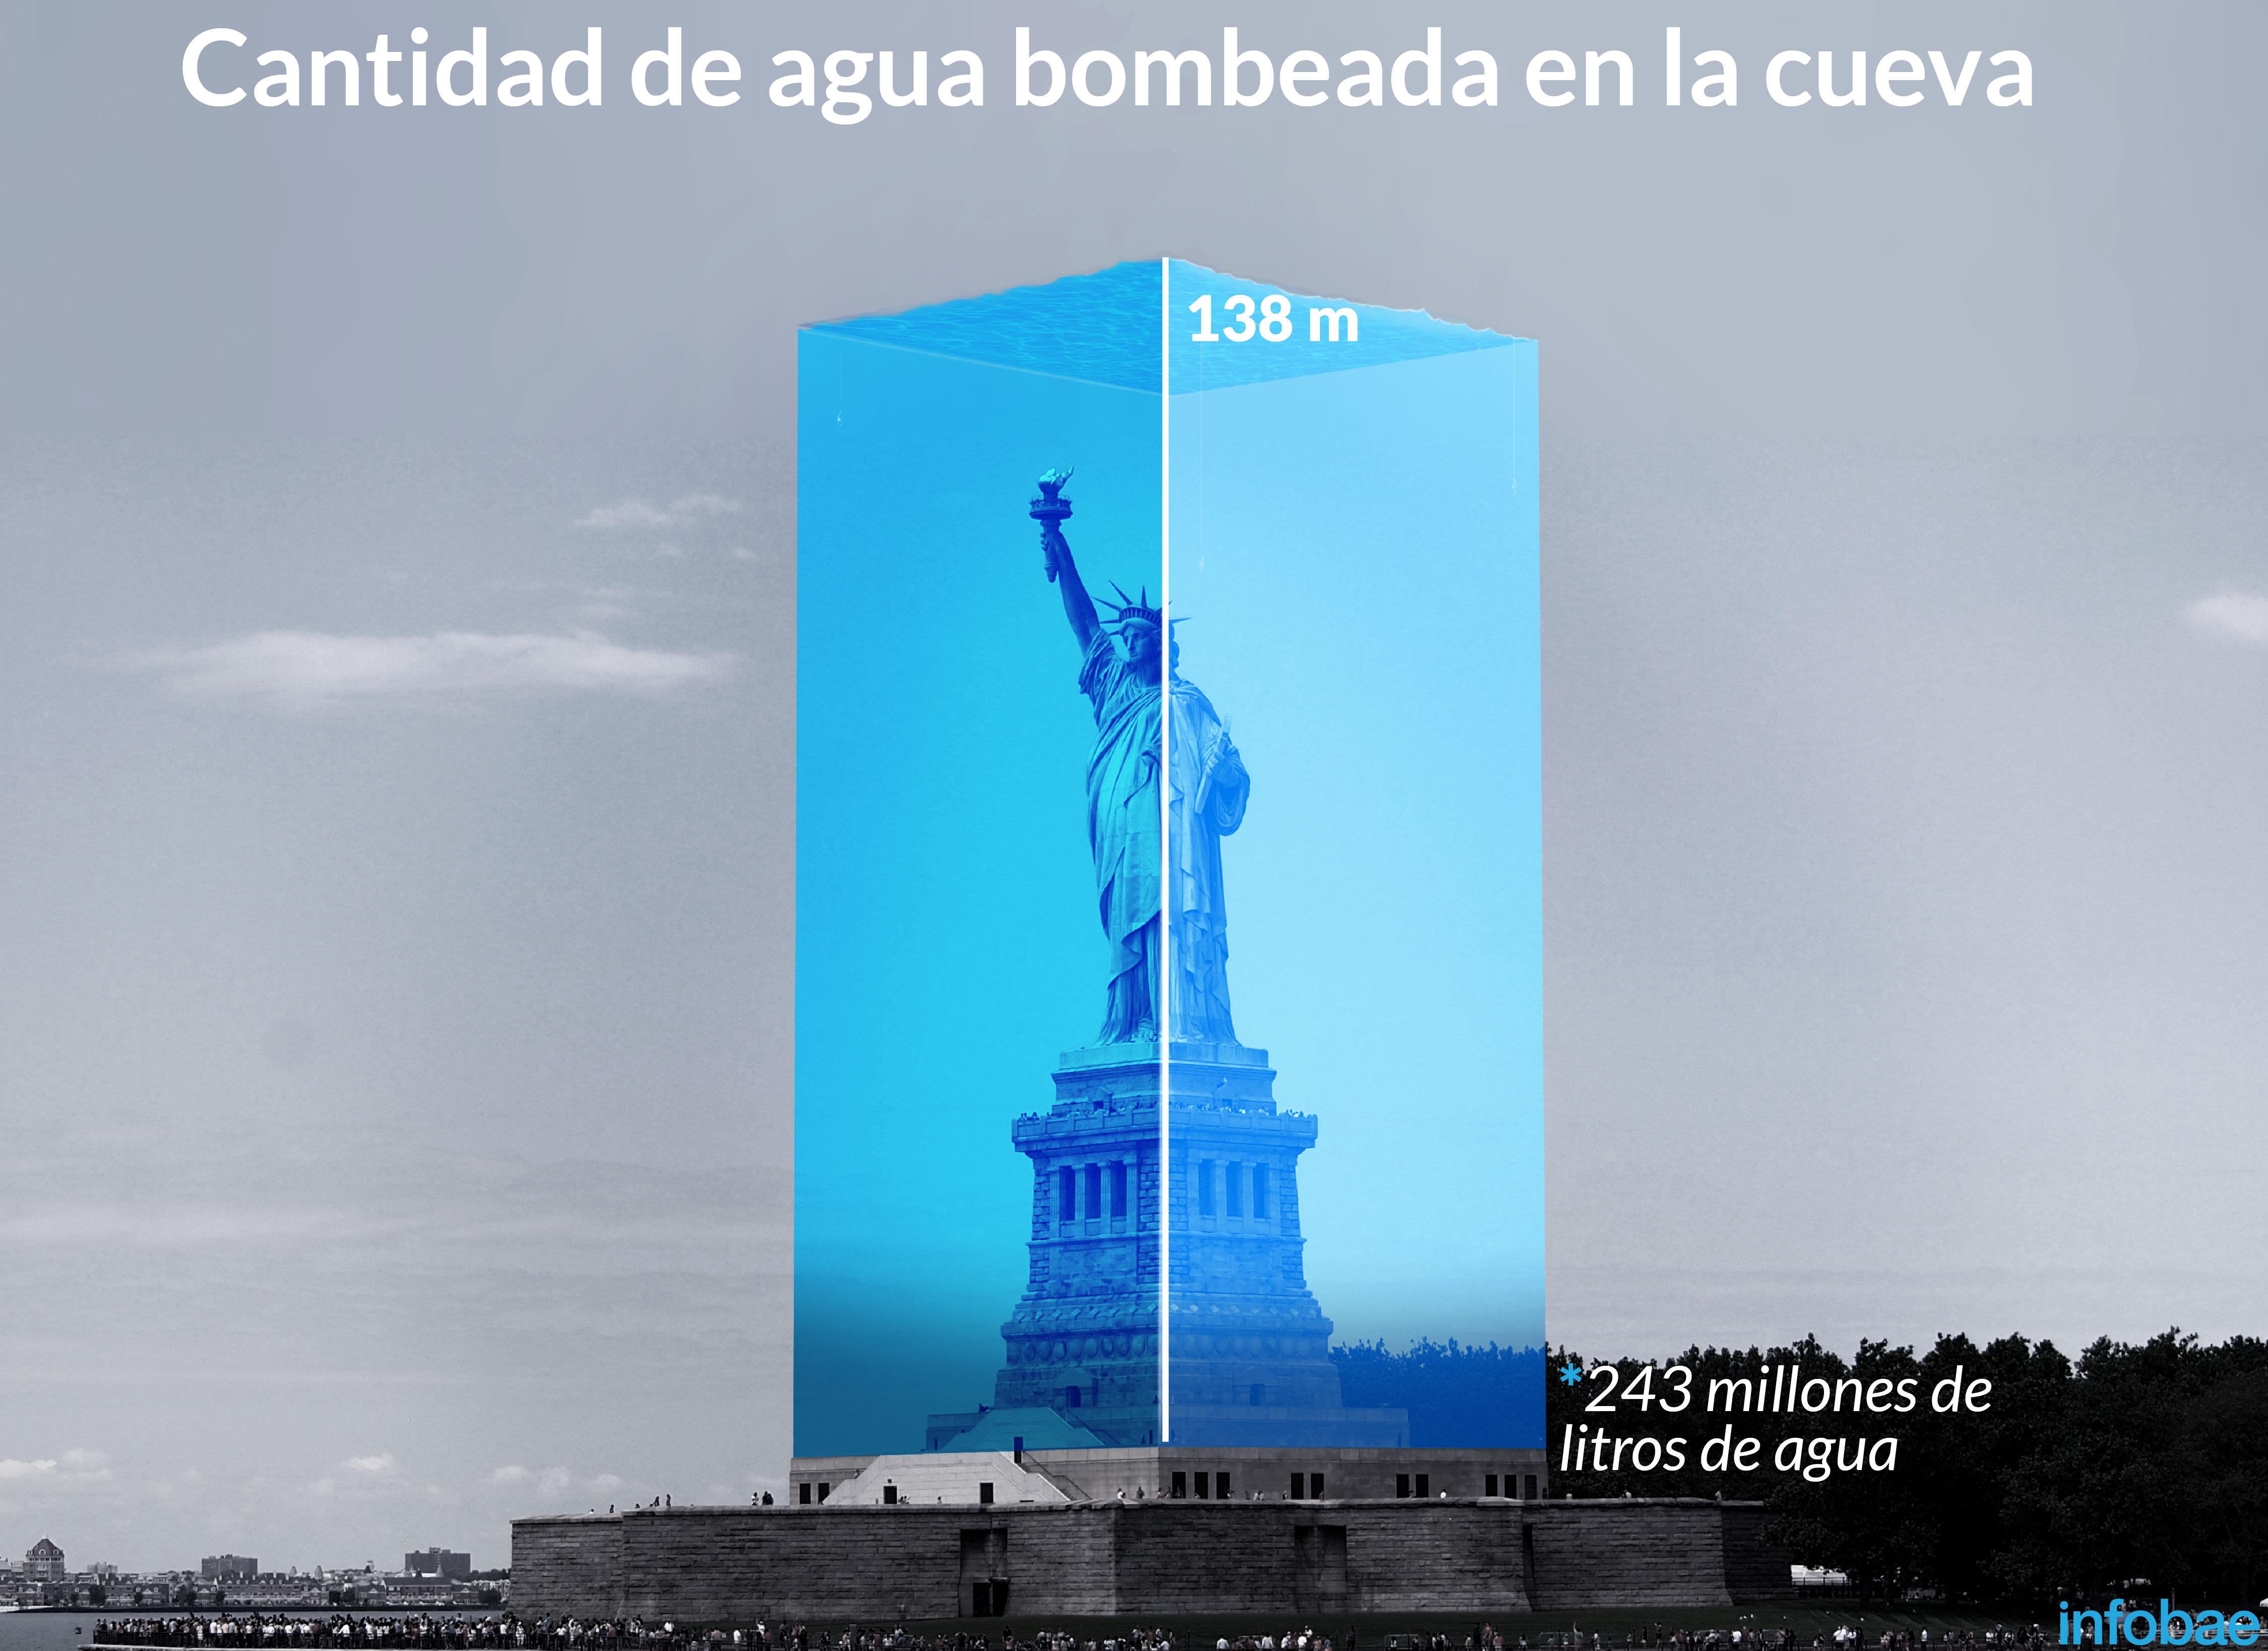 InfografíaRodrigo Acevedo Musto y Tomás Orihuela